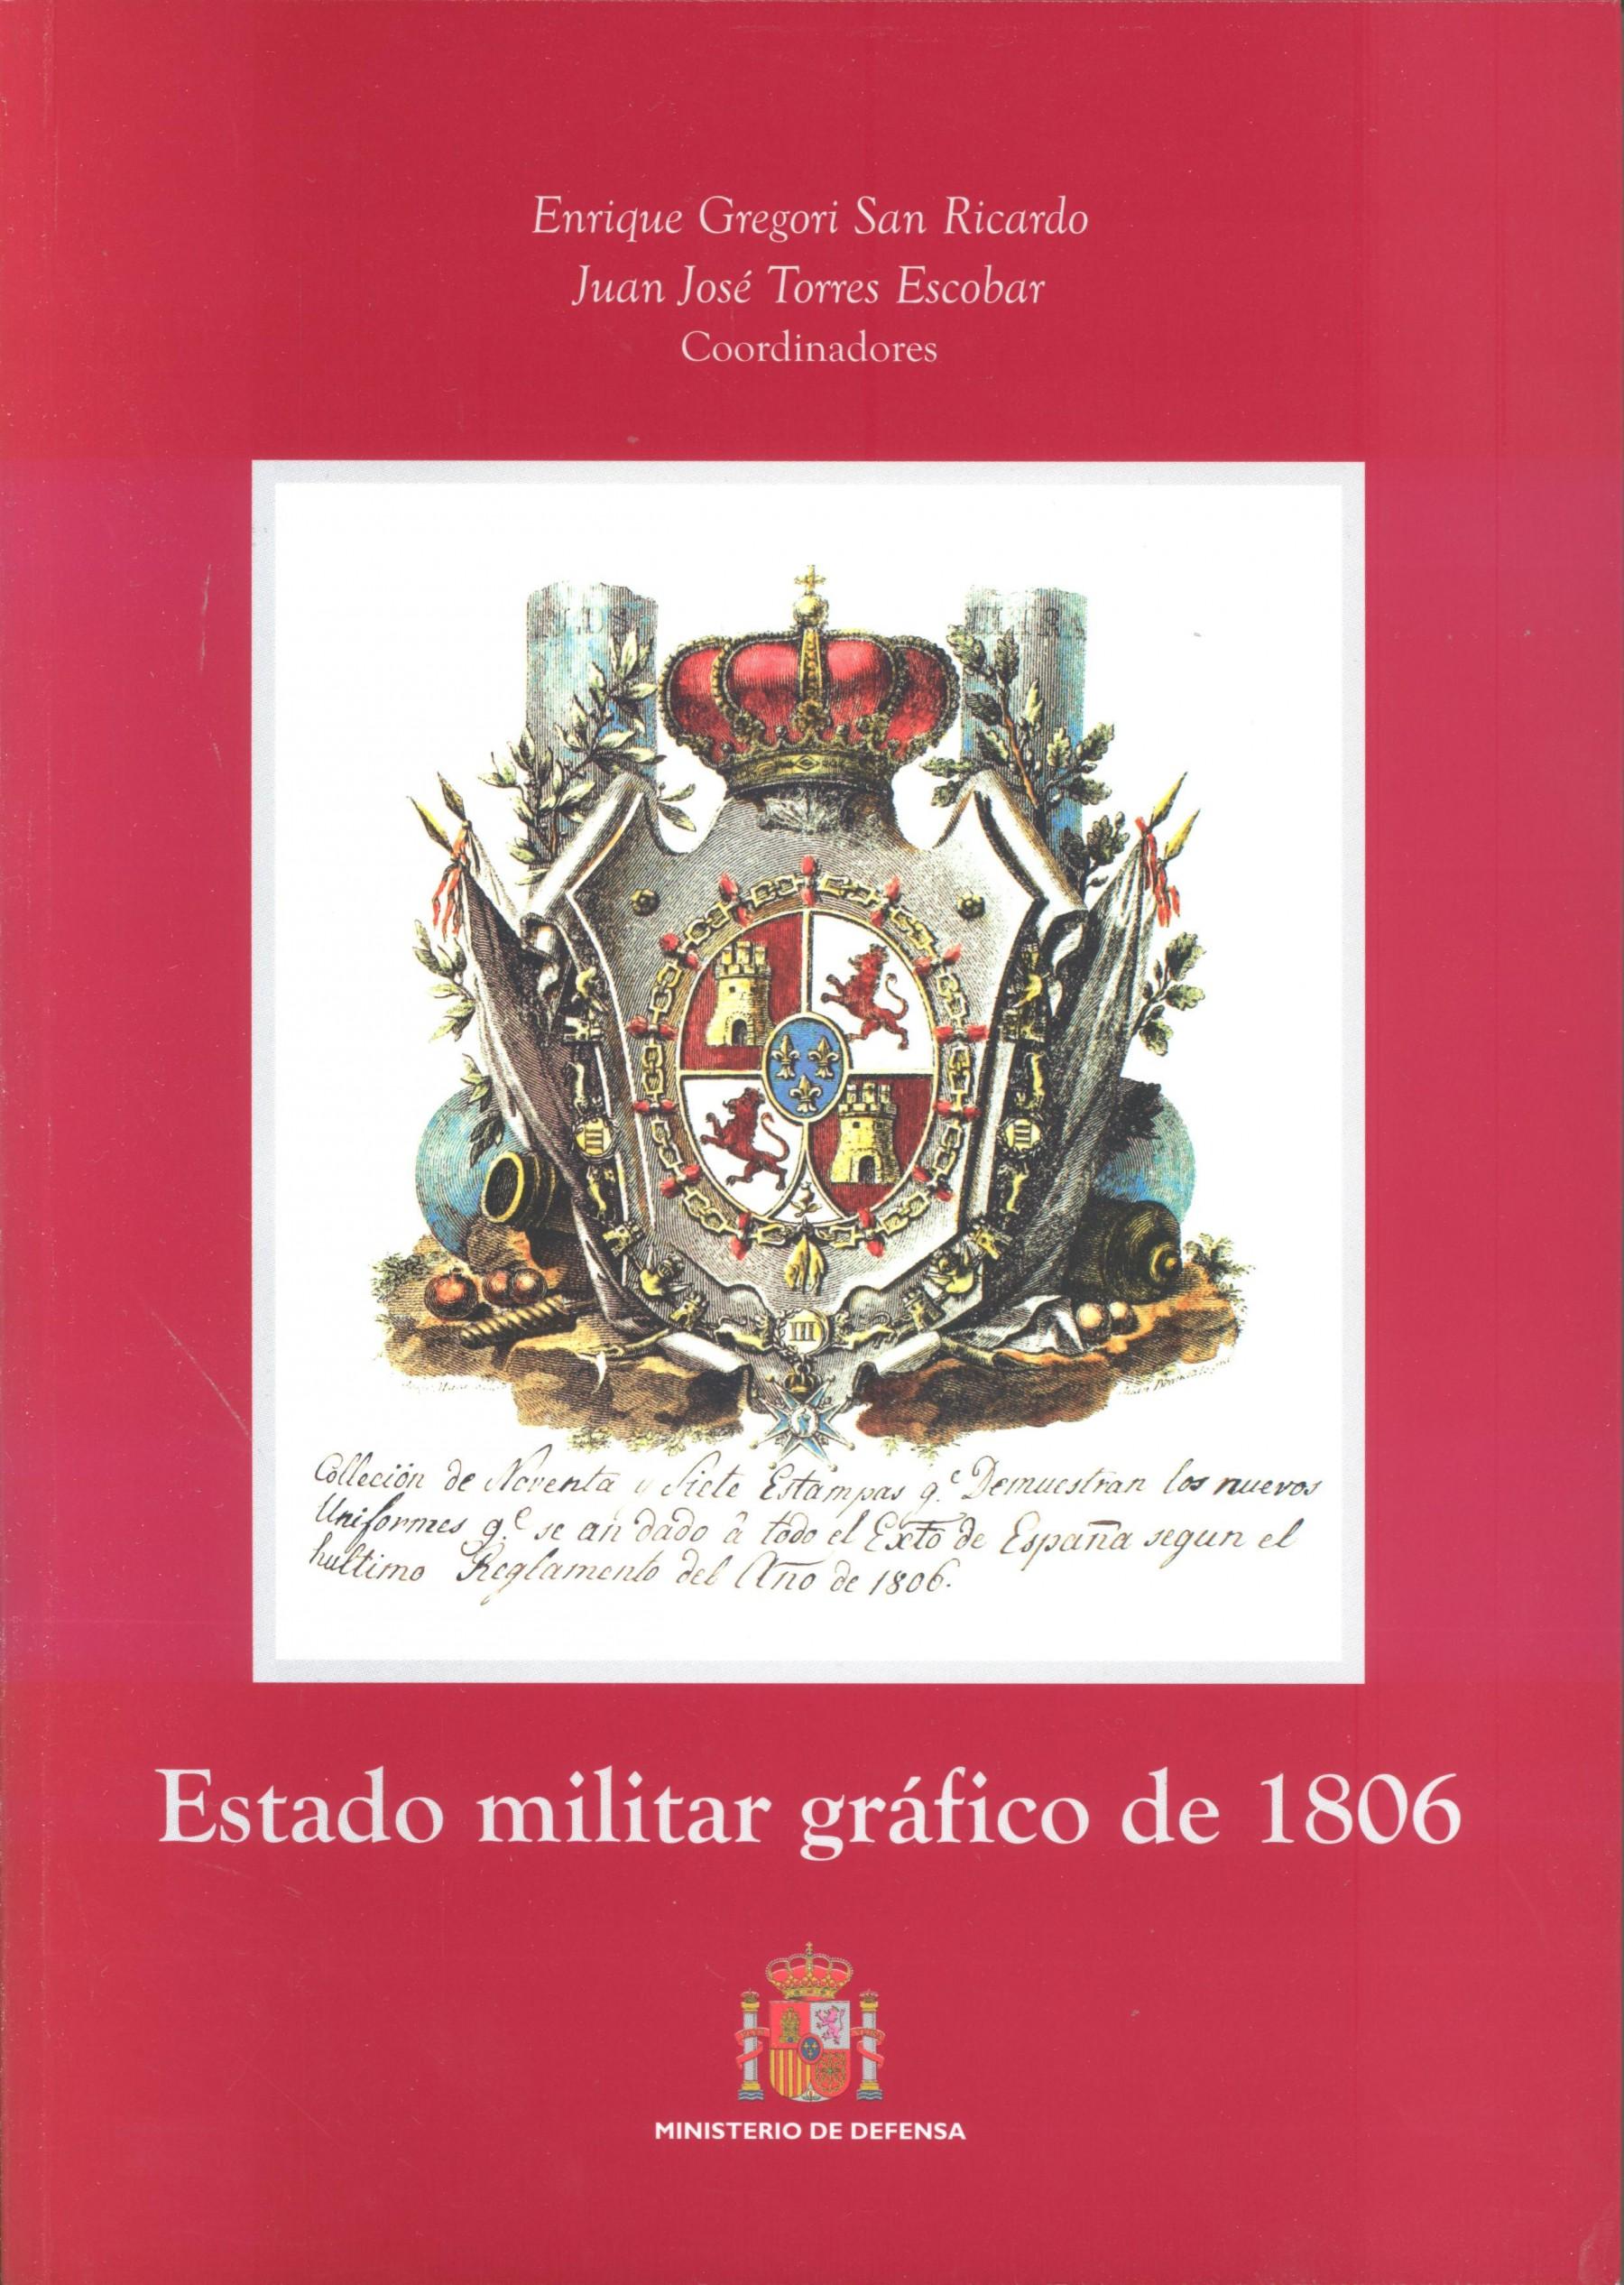 ESTADO MILITAR GRÁFICO DE 1806